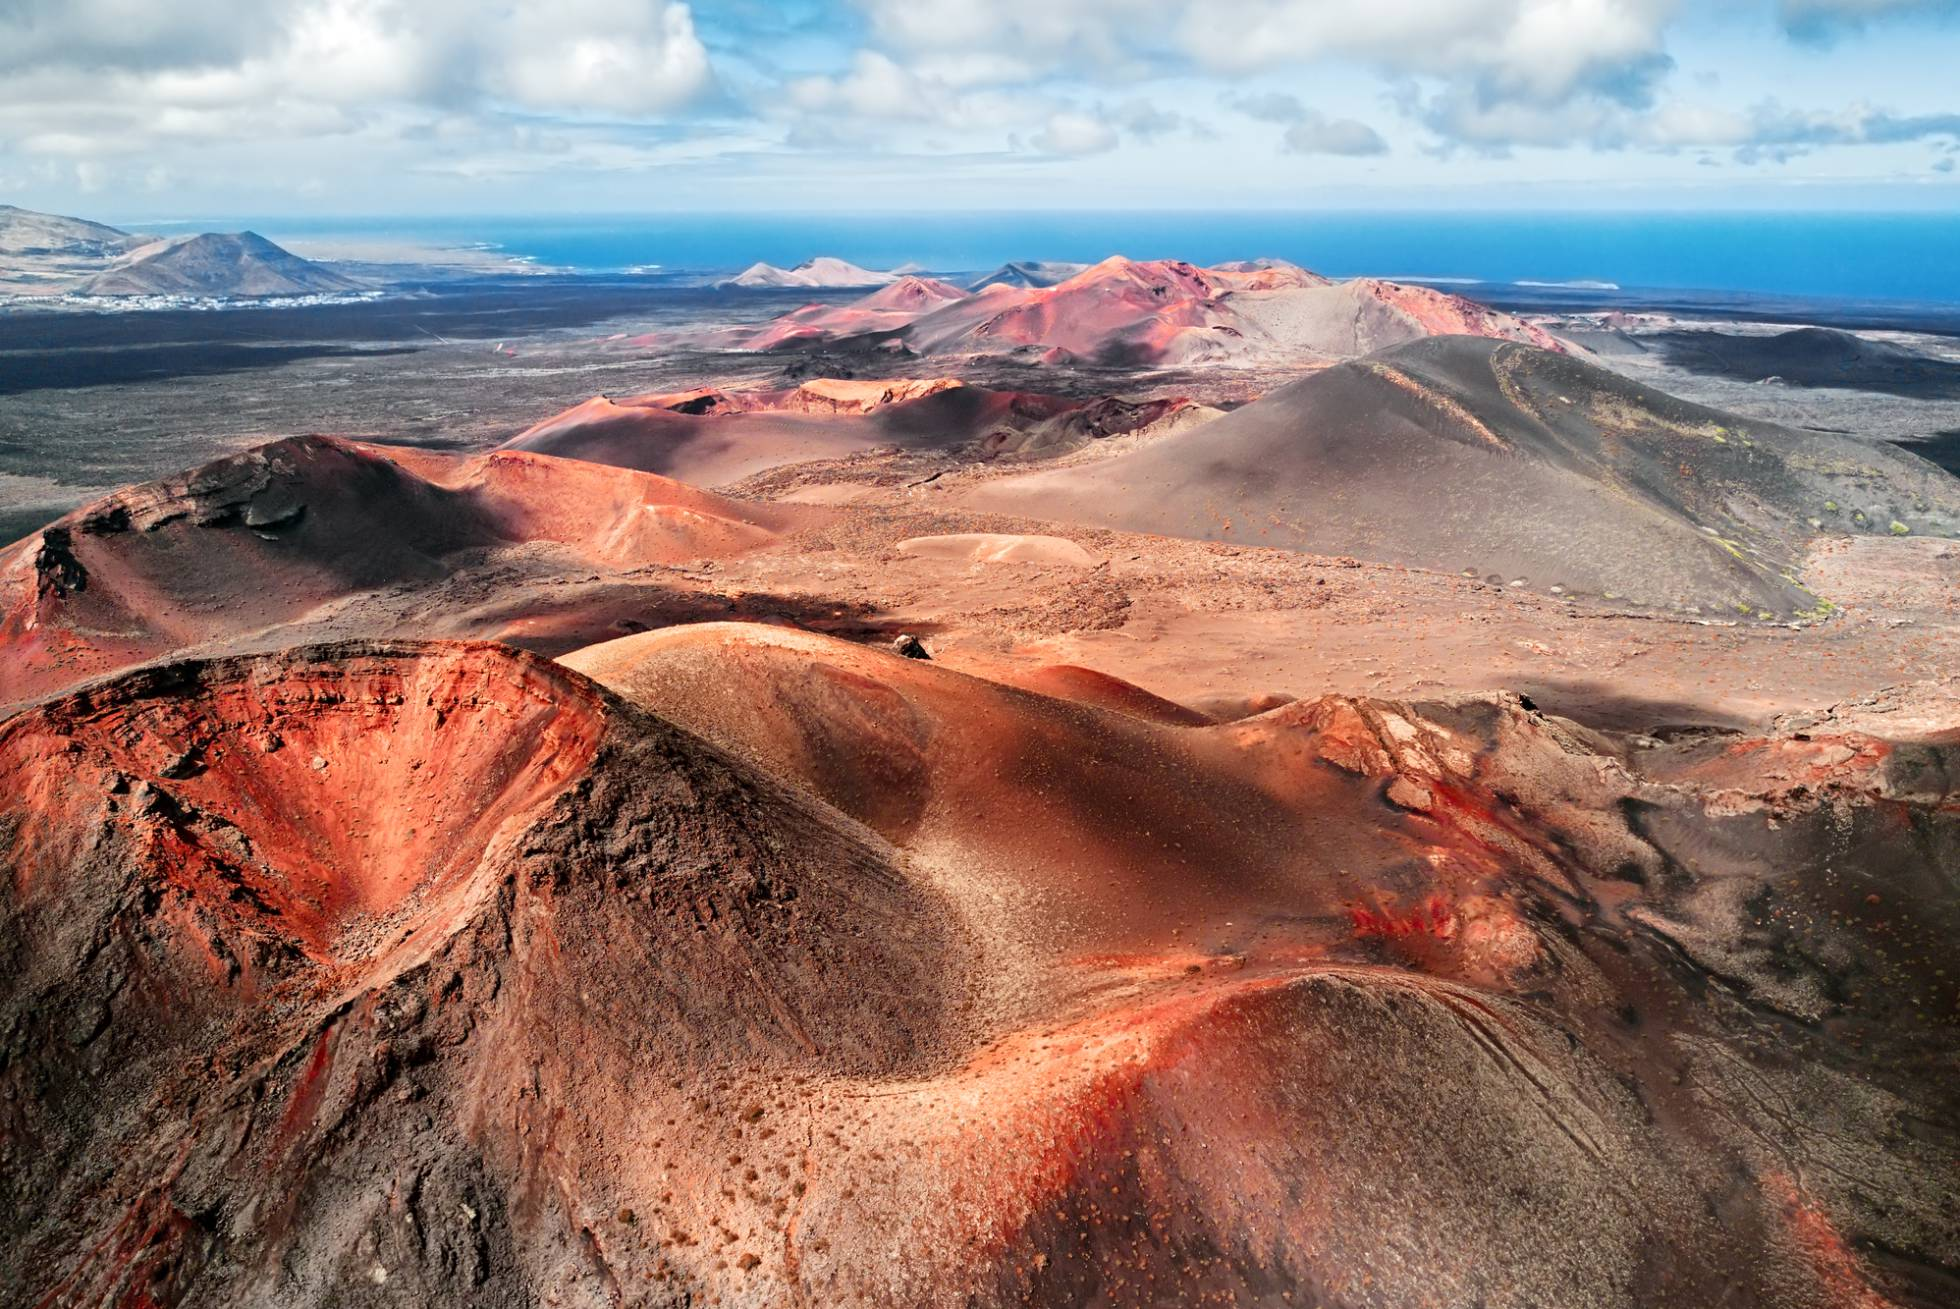 Parque nacional de Timanfaya (Lanzarote)  / GETTY IMAGES